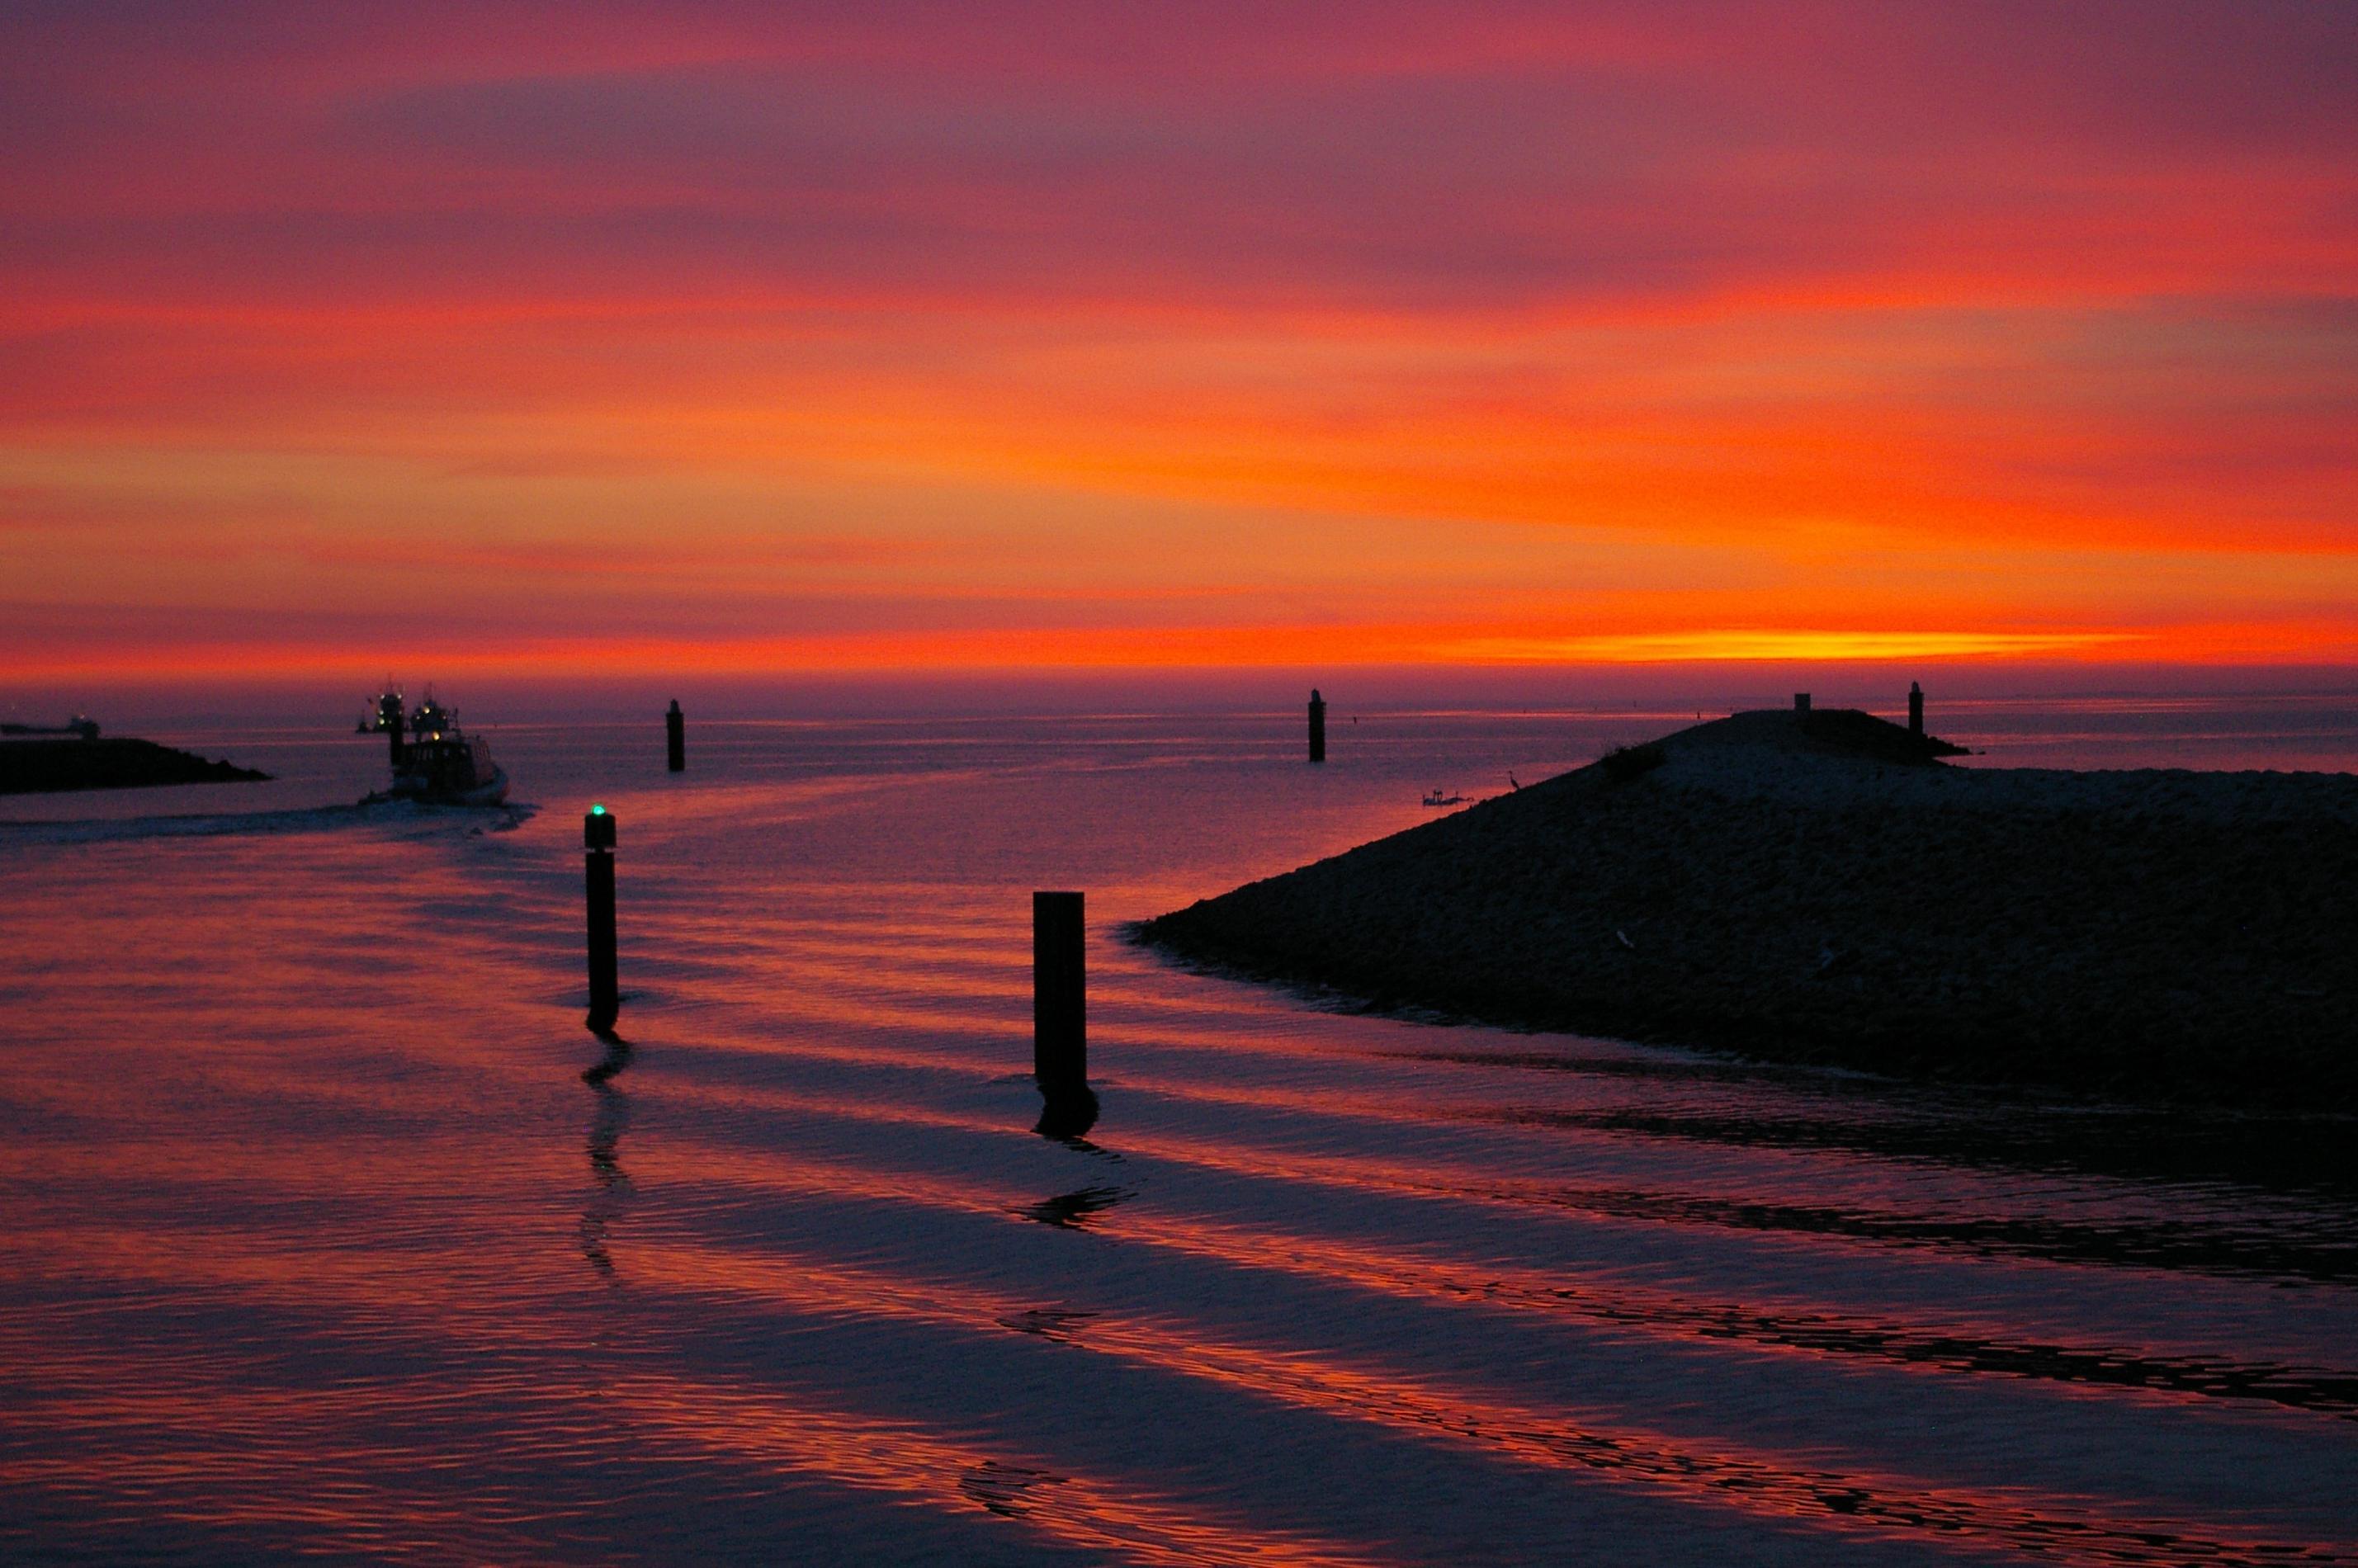 Eccezionale Foto gratis: tramonto, alba, spiaggia, acqua, mare, sole, tramonto  EI02